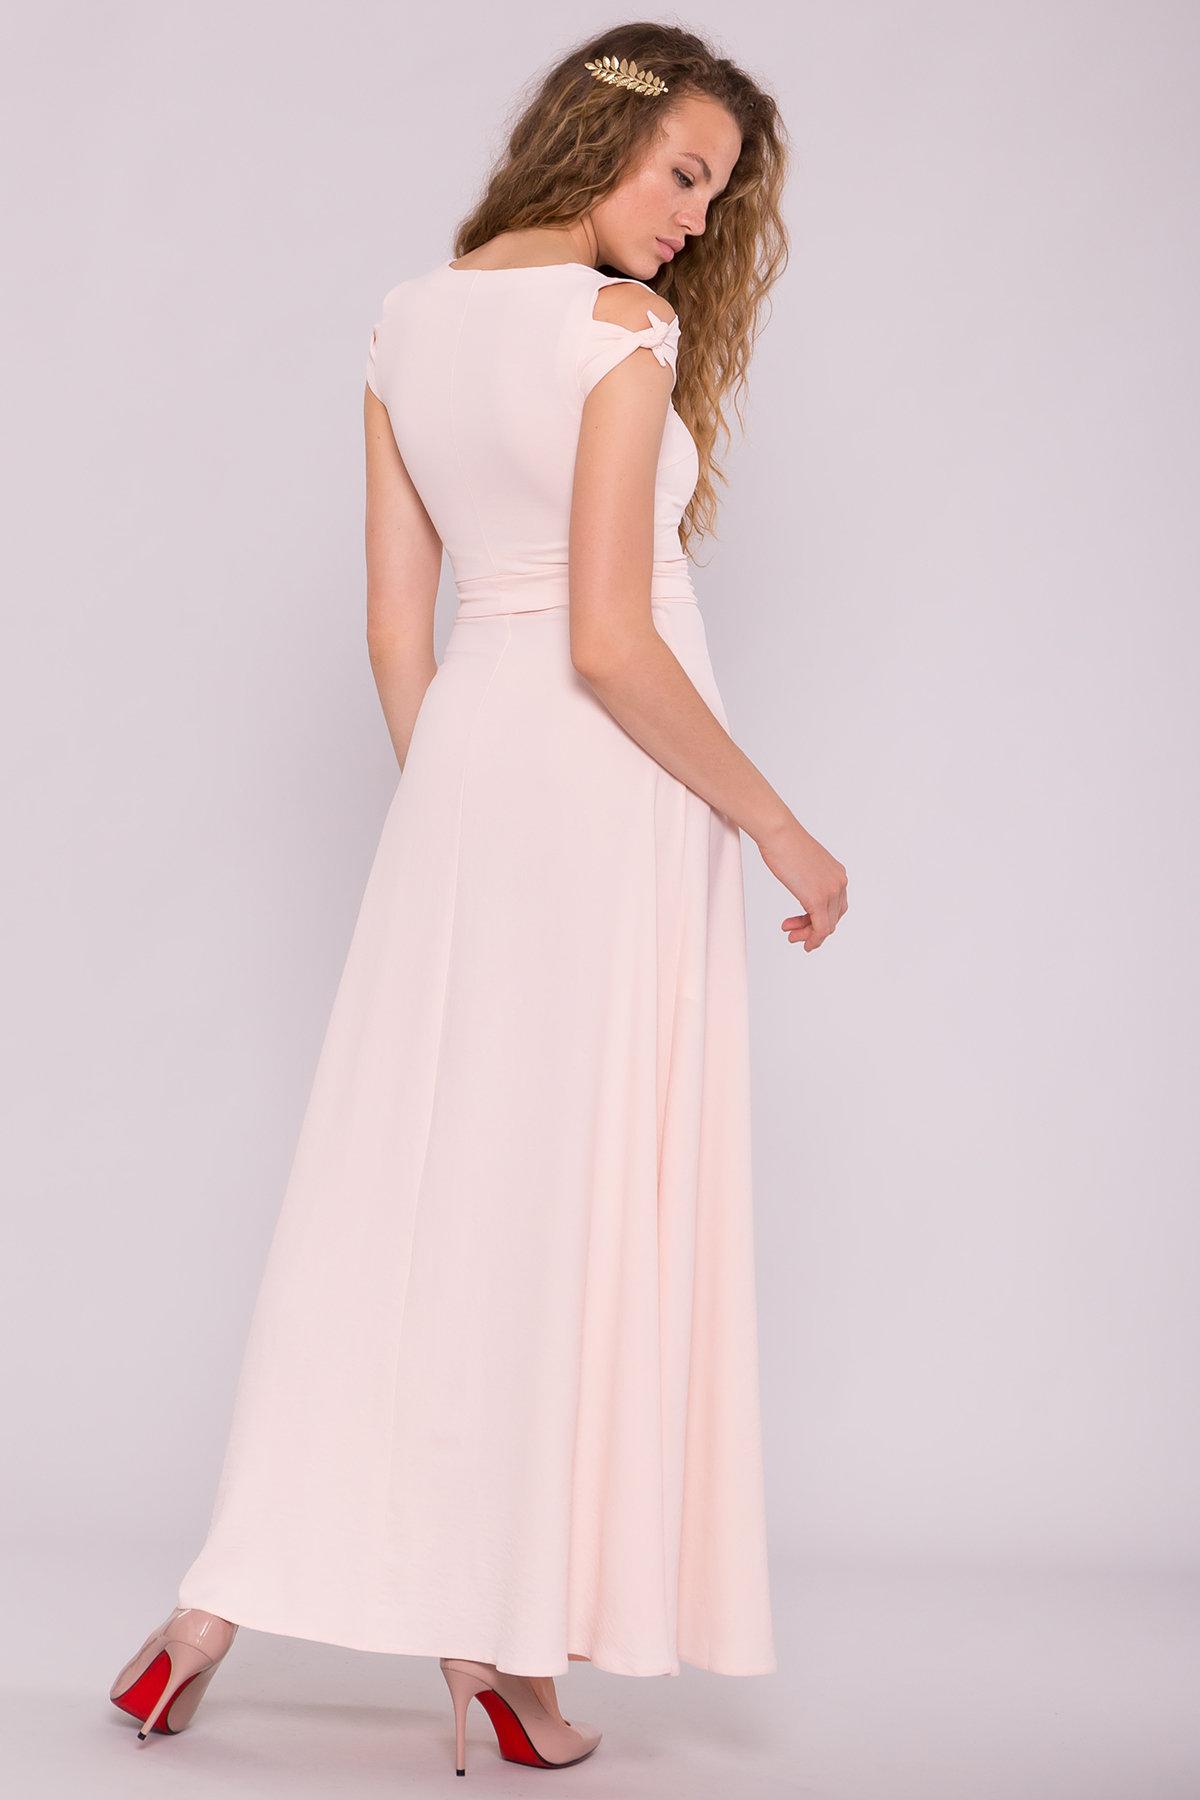 Платье Жане 7181 АРТ. 42598 Цвет: Розовый Светлый - фото 3, интернет магазин tm-modus.ru